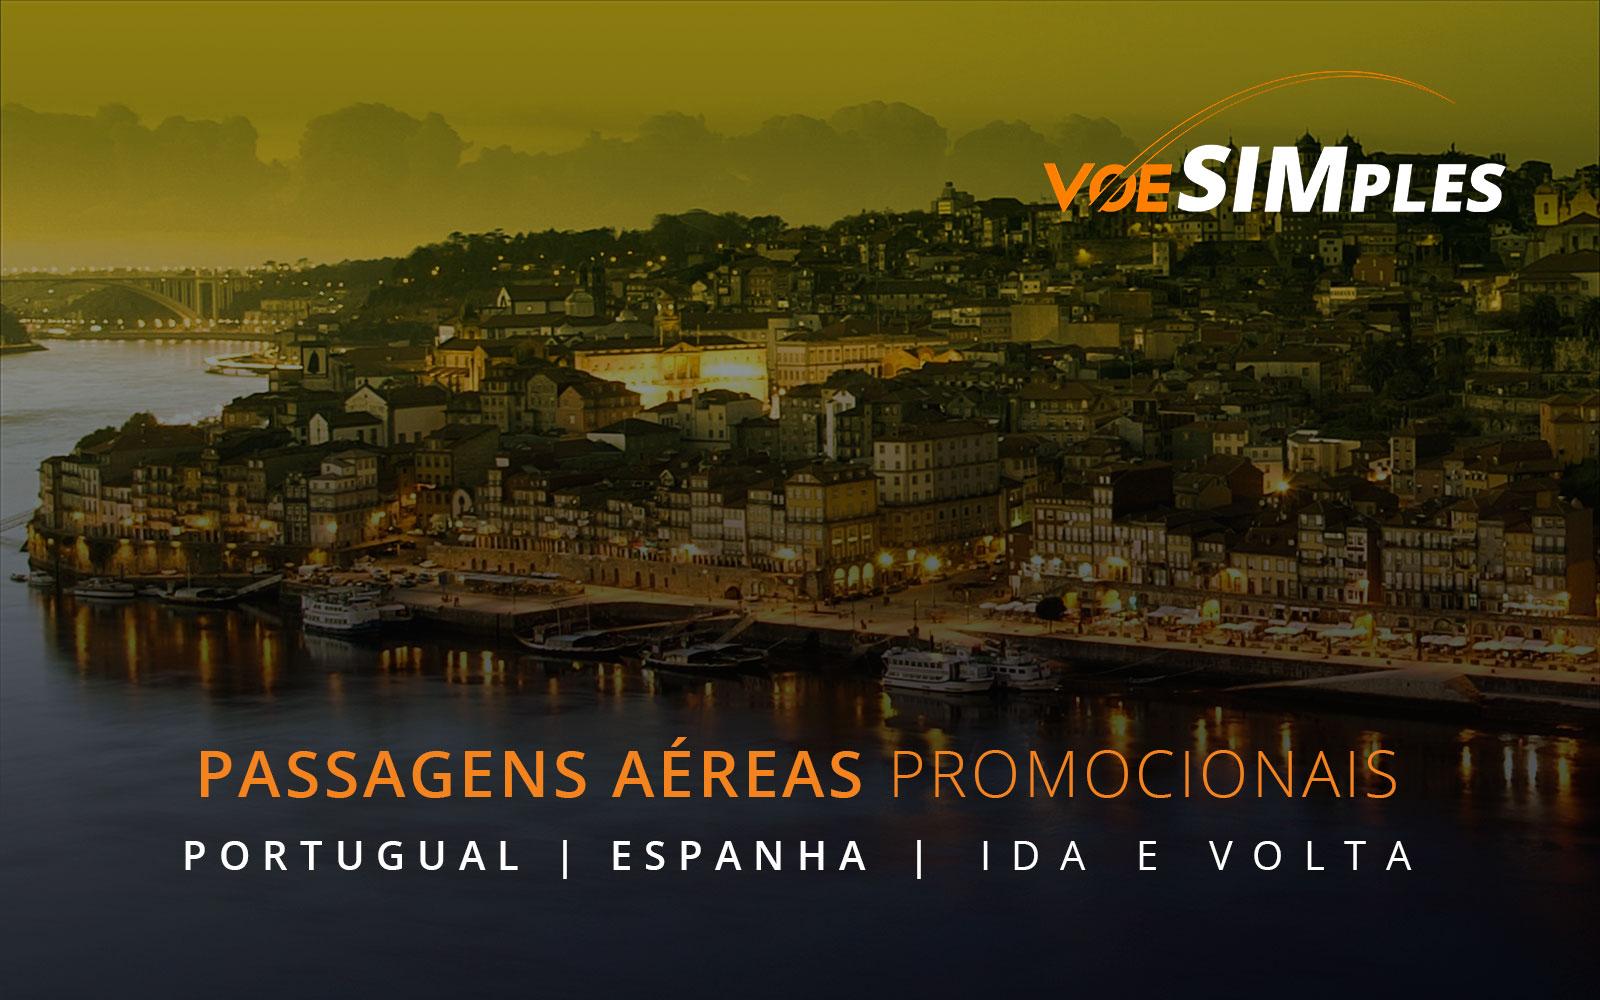 Passagens aéreas promocionais para a Espanha e Portugal